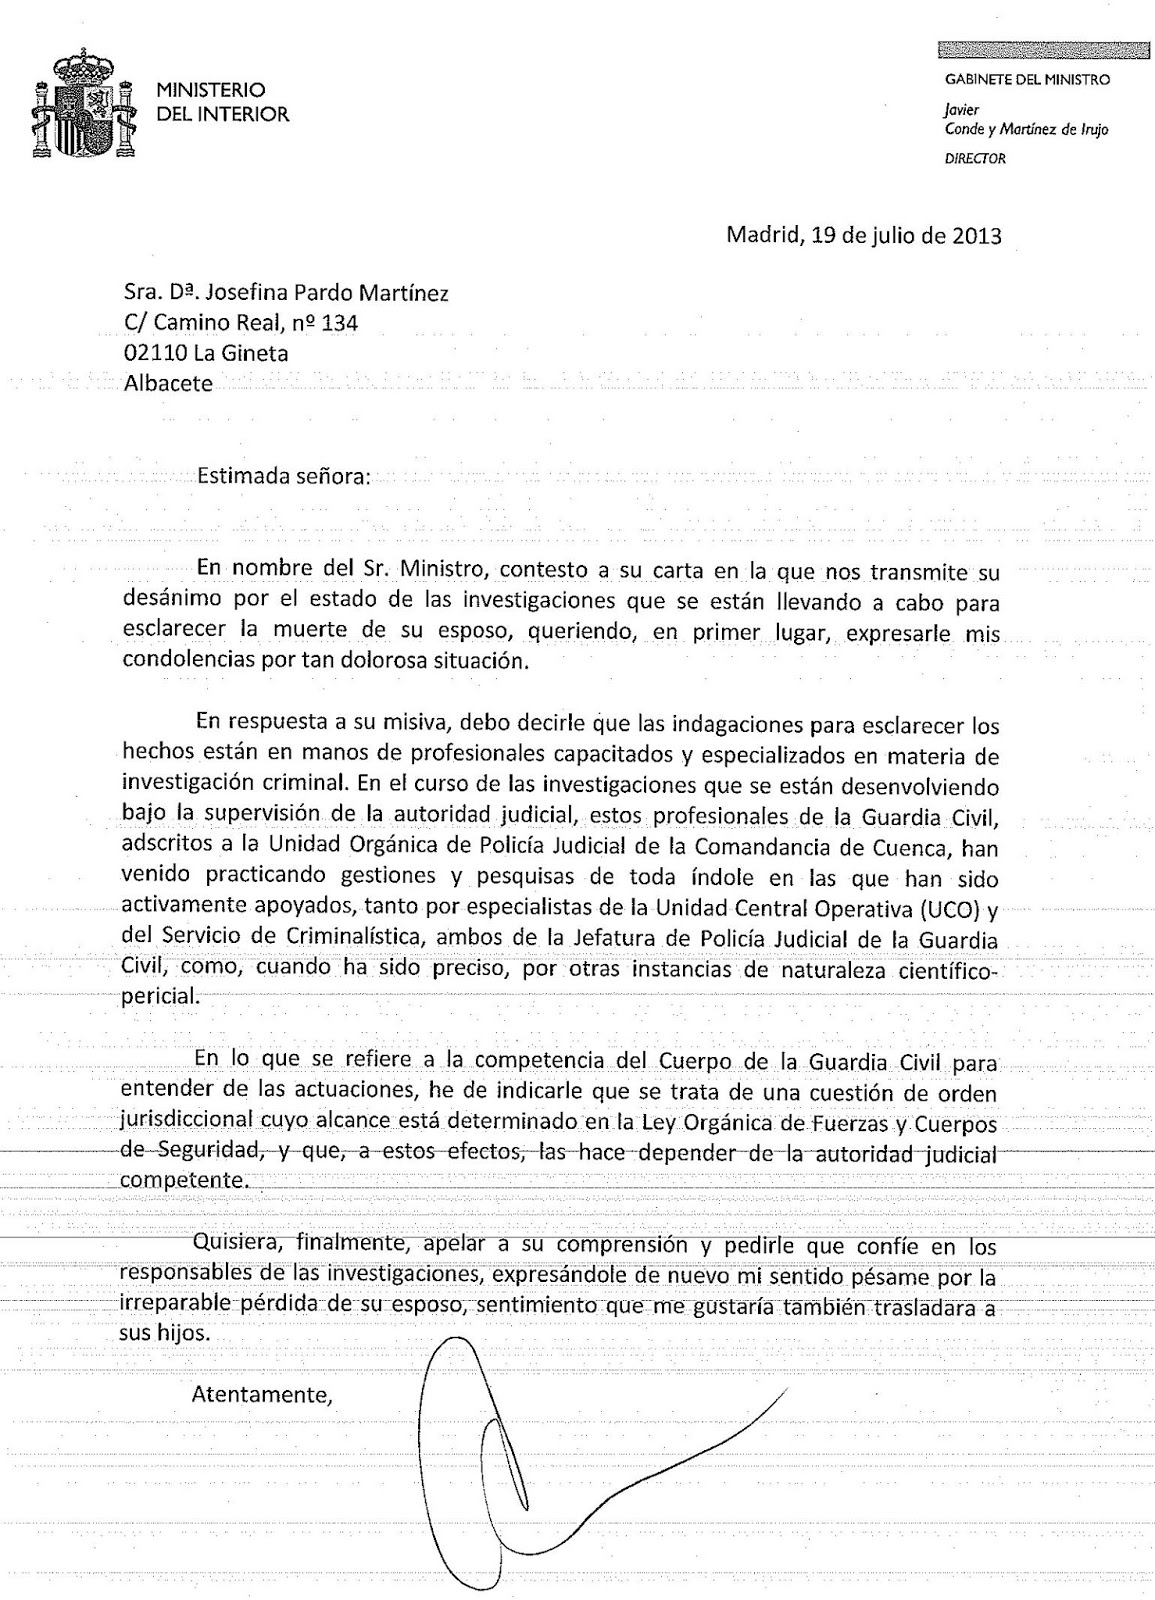 Justicia para marcial hidalgo ambrona carta respuesta ministerio de interior - Ministerio del interior y justicia ...